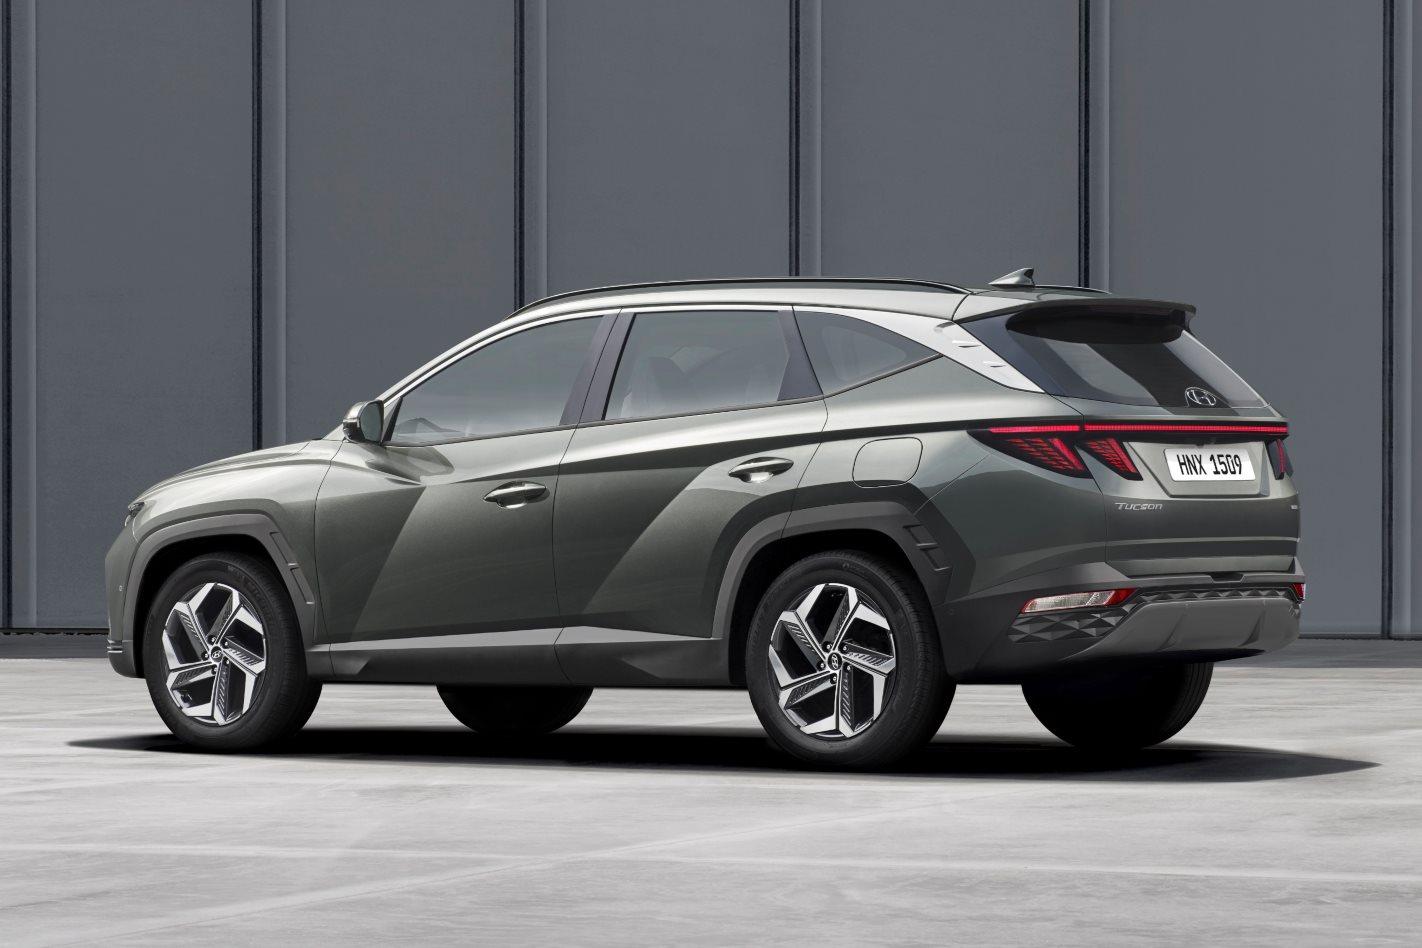 2021 Hyundai Tucson Revealed